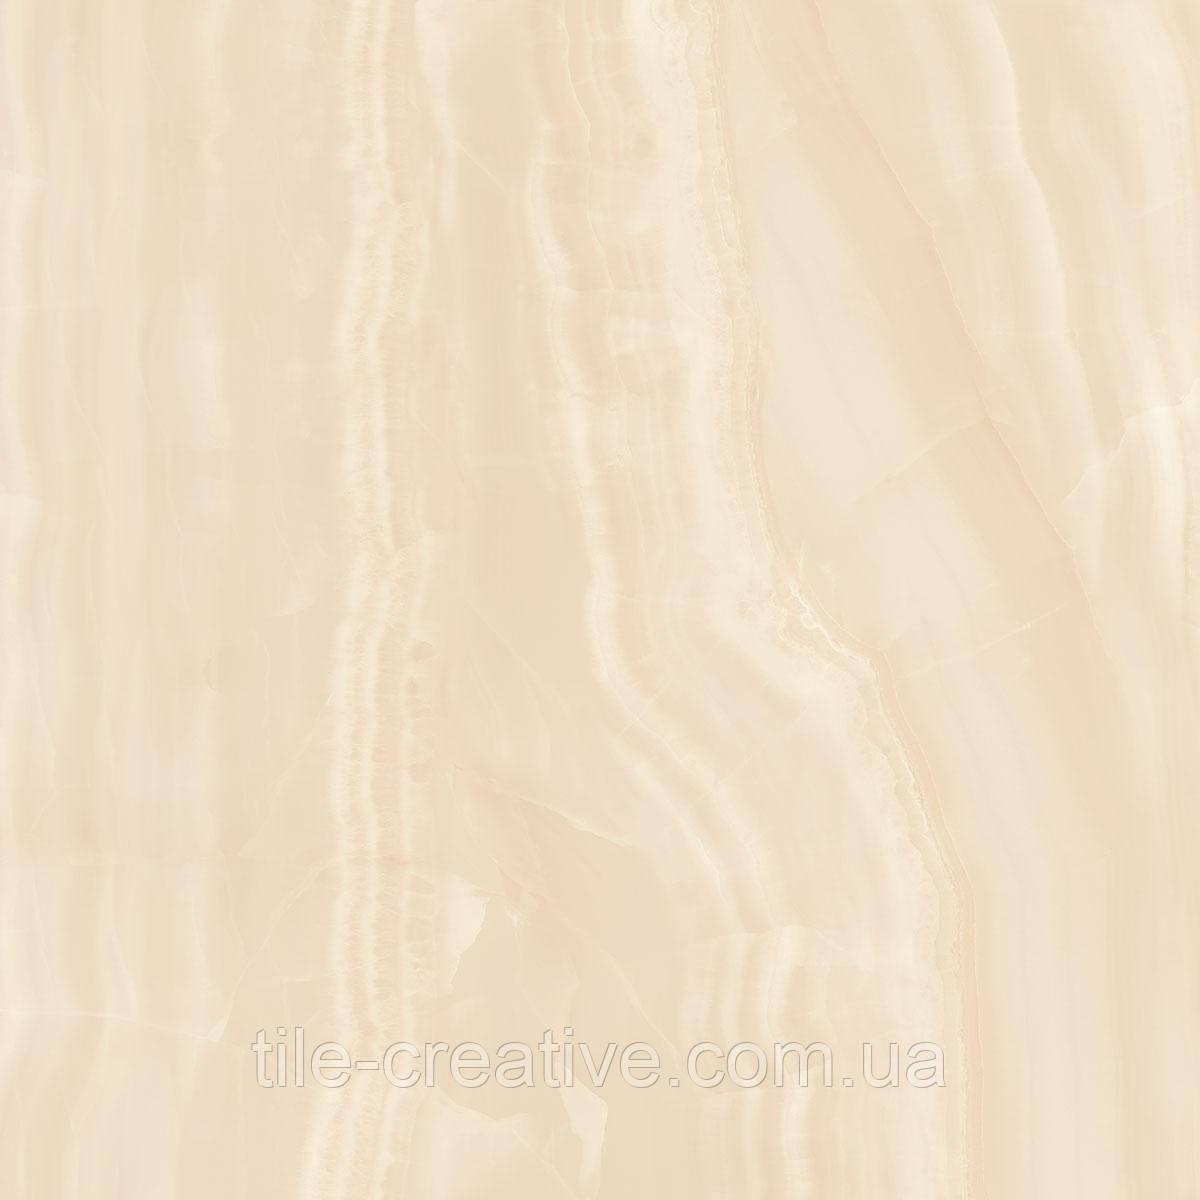 Керамічний граніт Літній сад беж 40,2х40,2х8 SG153500N